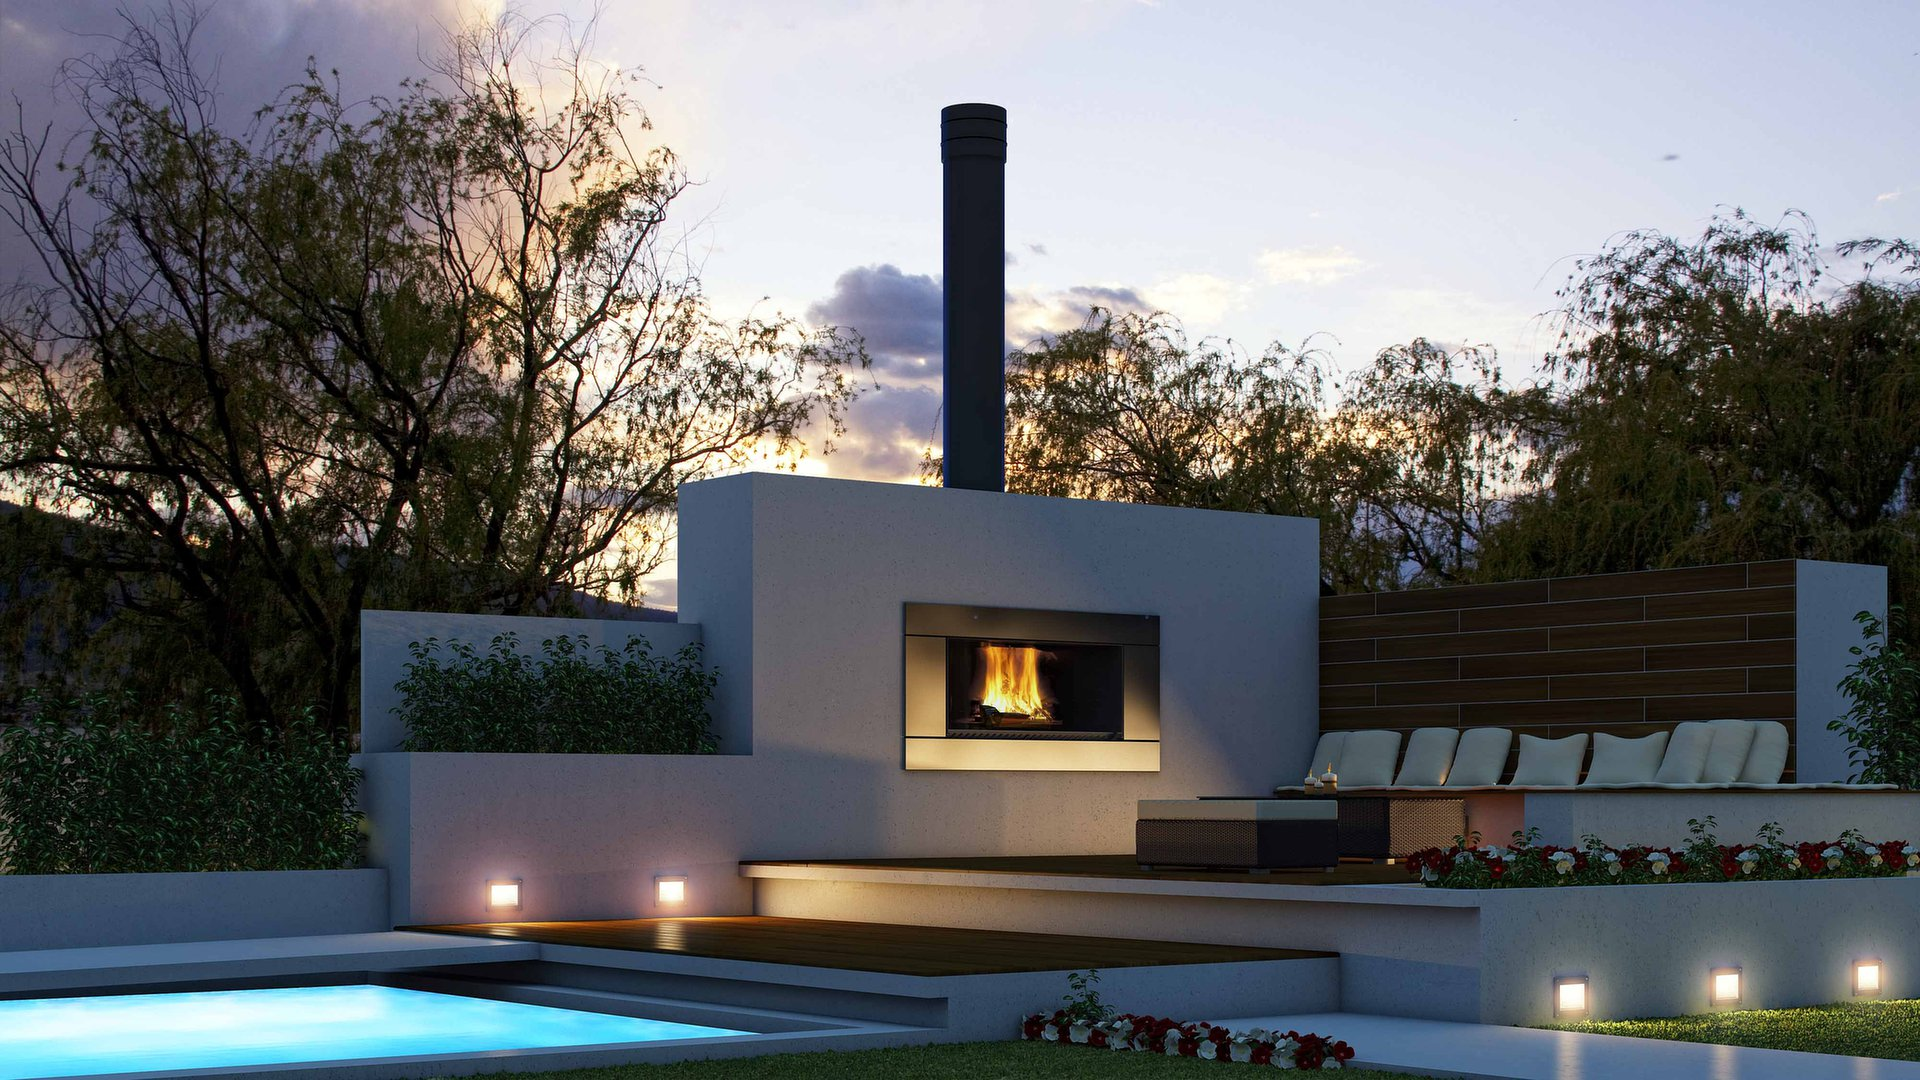 Outdoor Fireplace Design Ideas small backyard fireplace Modern Outdoor Fireplace